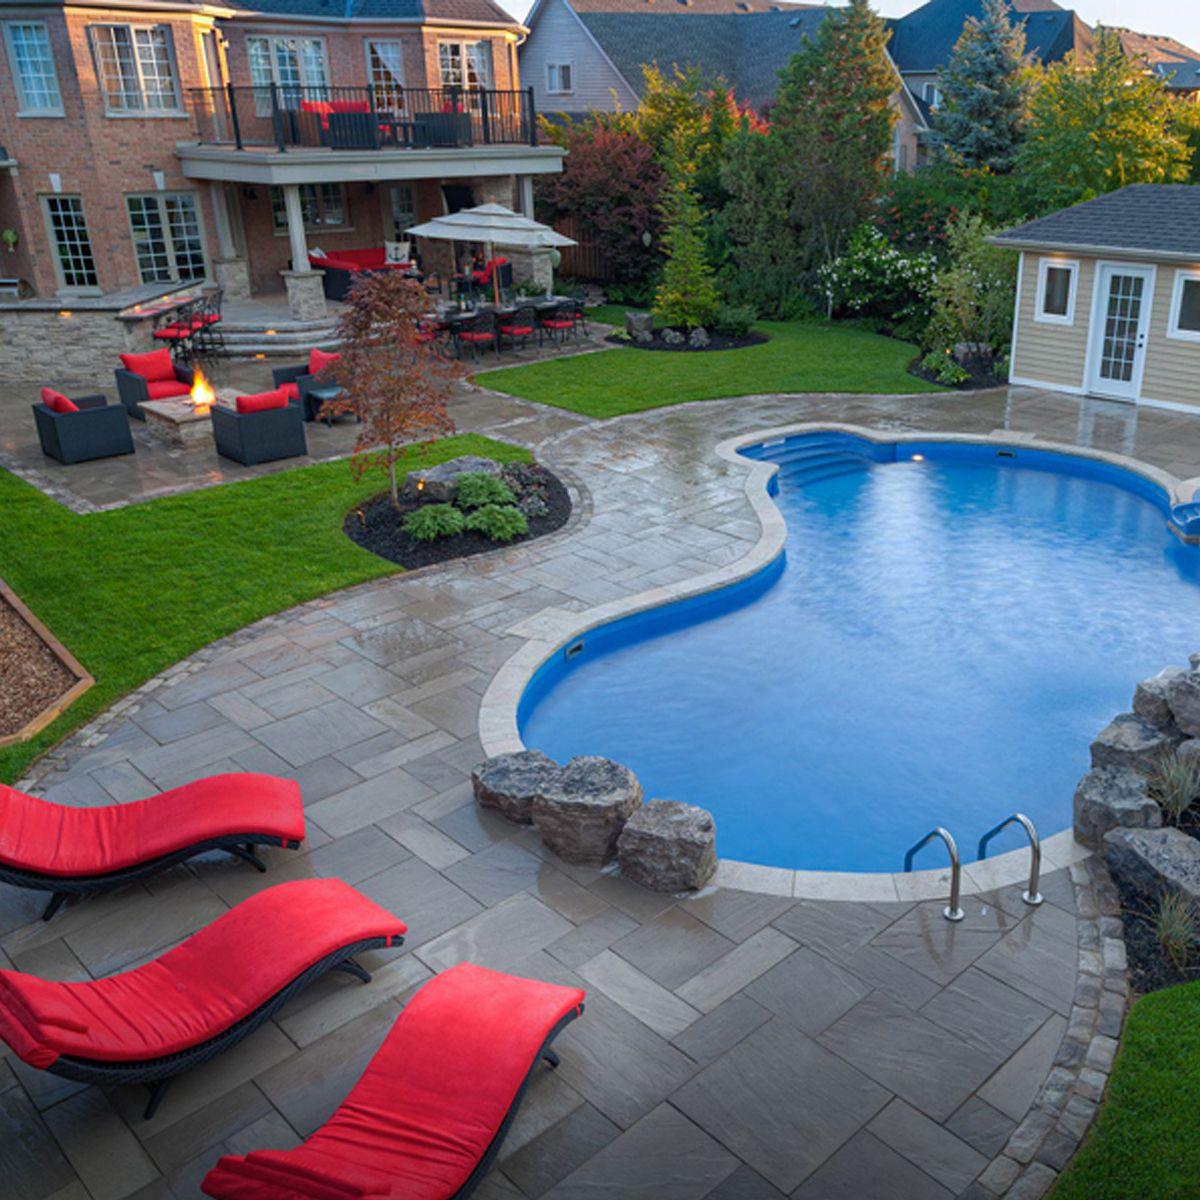 Inground Onground And Above Ground Pools Pioneer Pools Pools Backyard Inground Backyard Pool Landscaping Inground Pool Landscaping